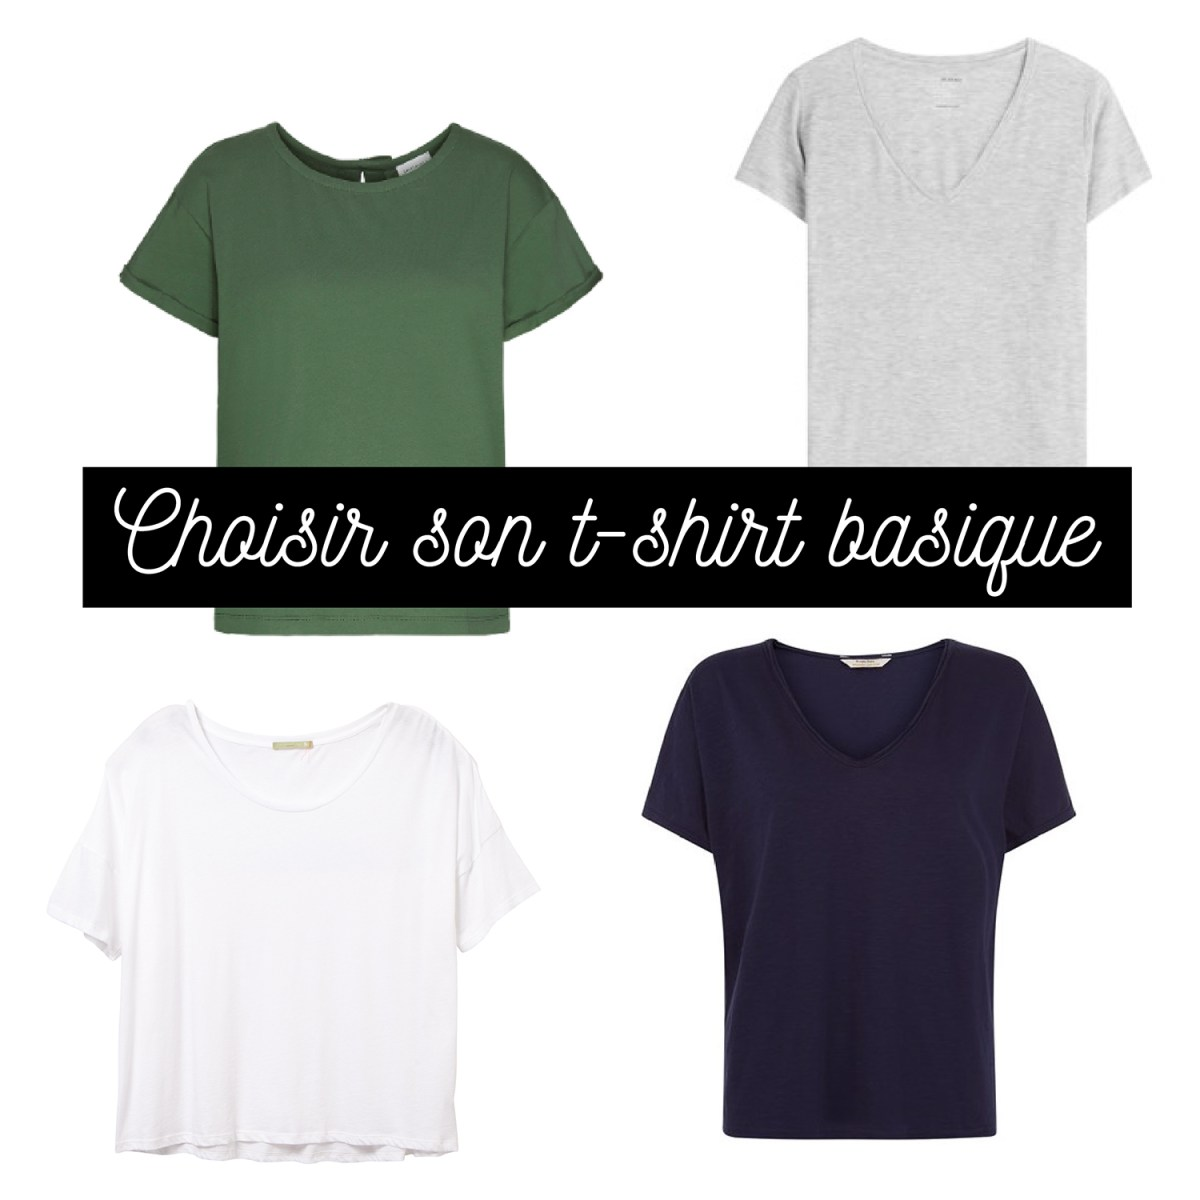 6faf2c5163cfe Choisir ses t-shirts basiques – Happy new green